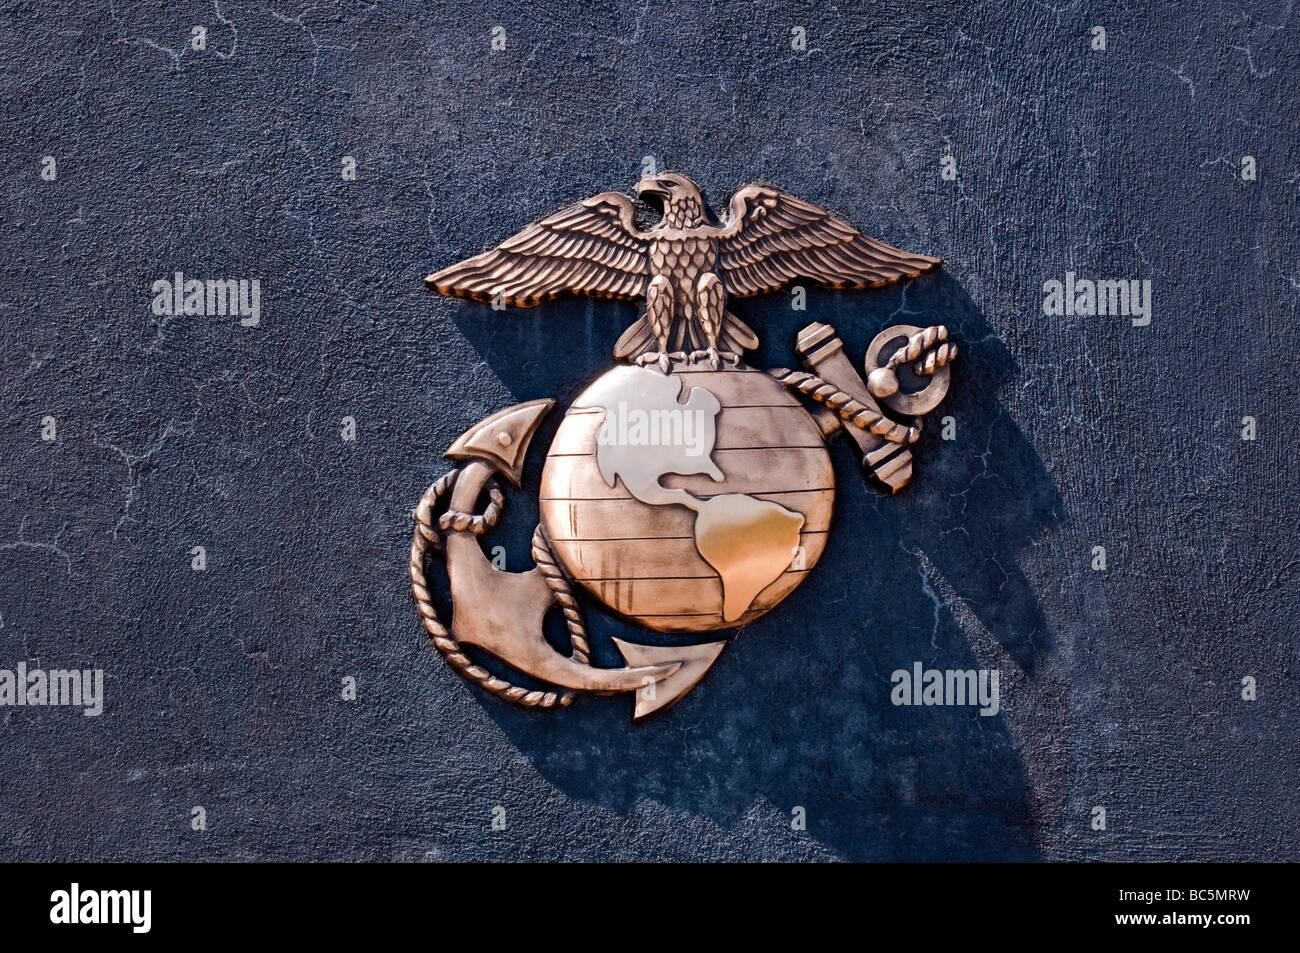 United States Marine Corps emblem on granite - Stock Image